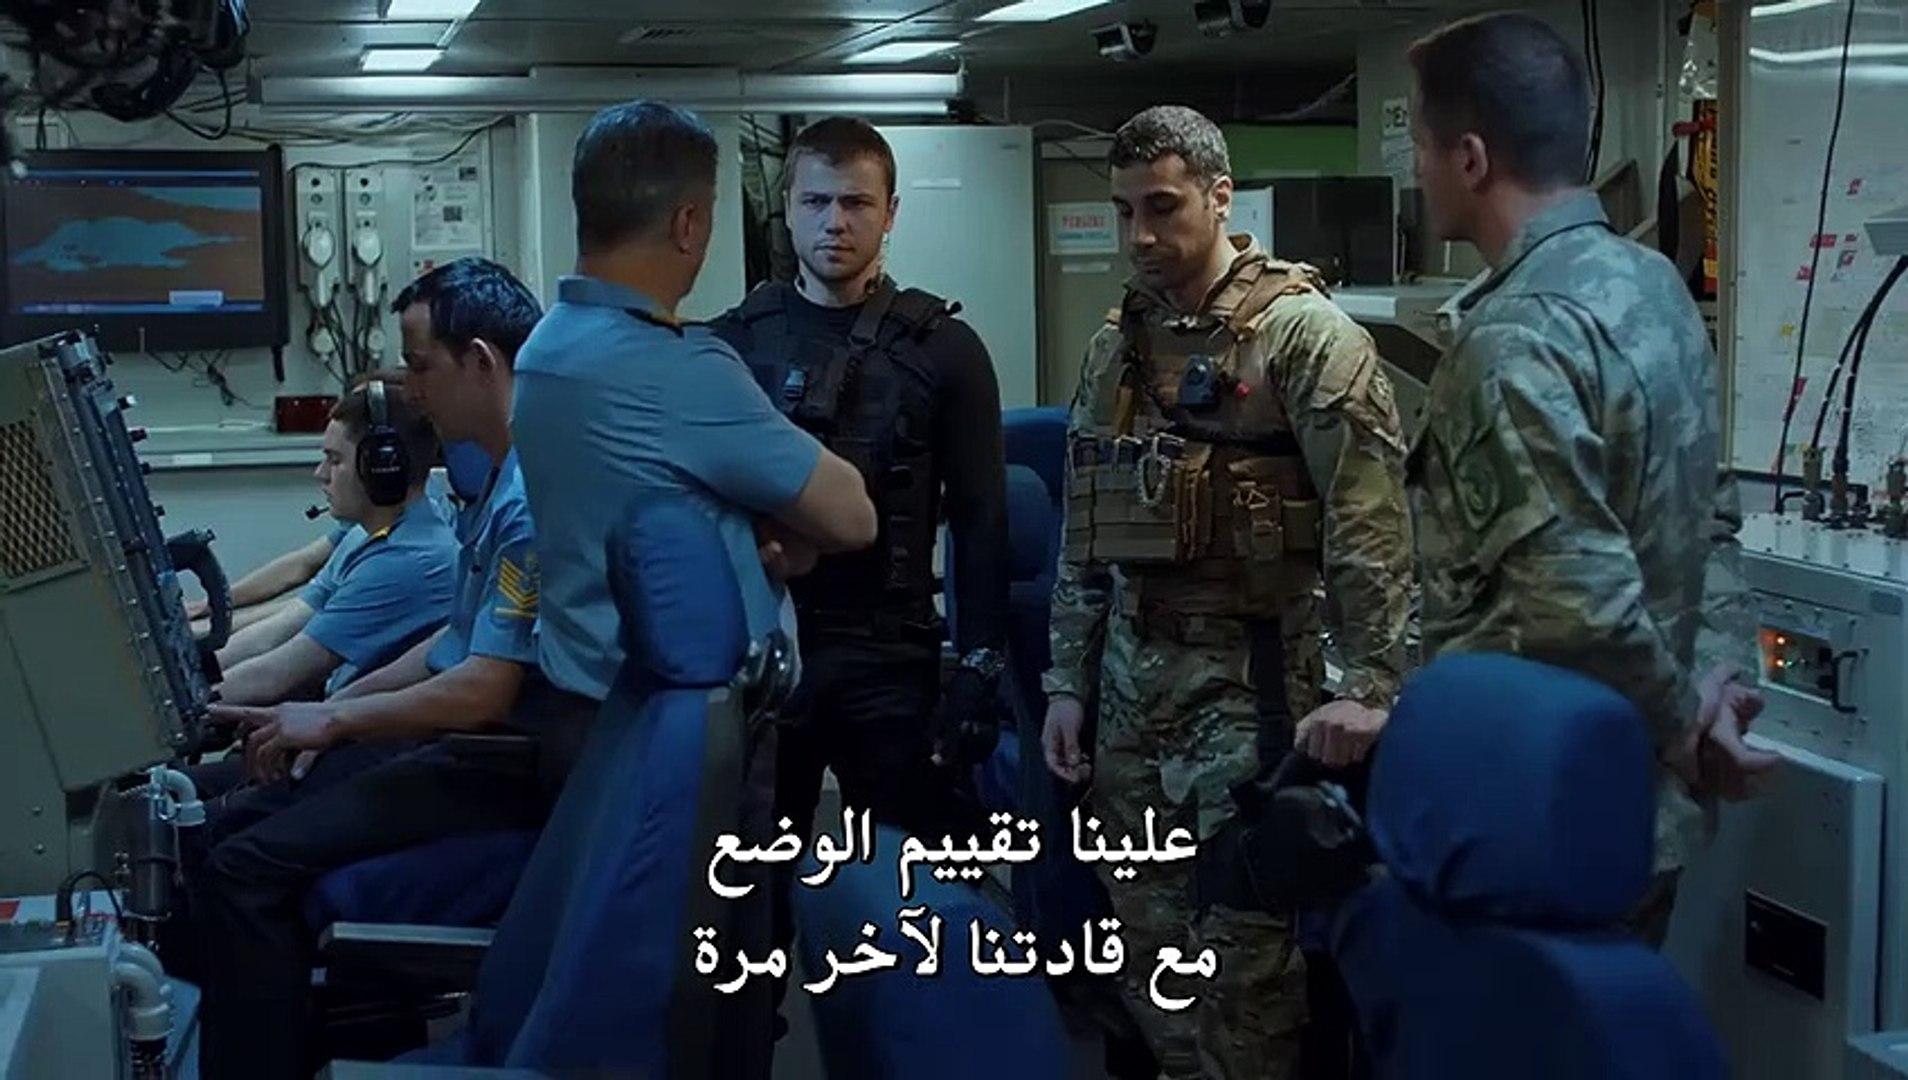 مسلسل العهد الموسم الثاني الحلقة 49 كاملة القسم 2 مترجمة للعربية